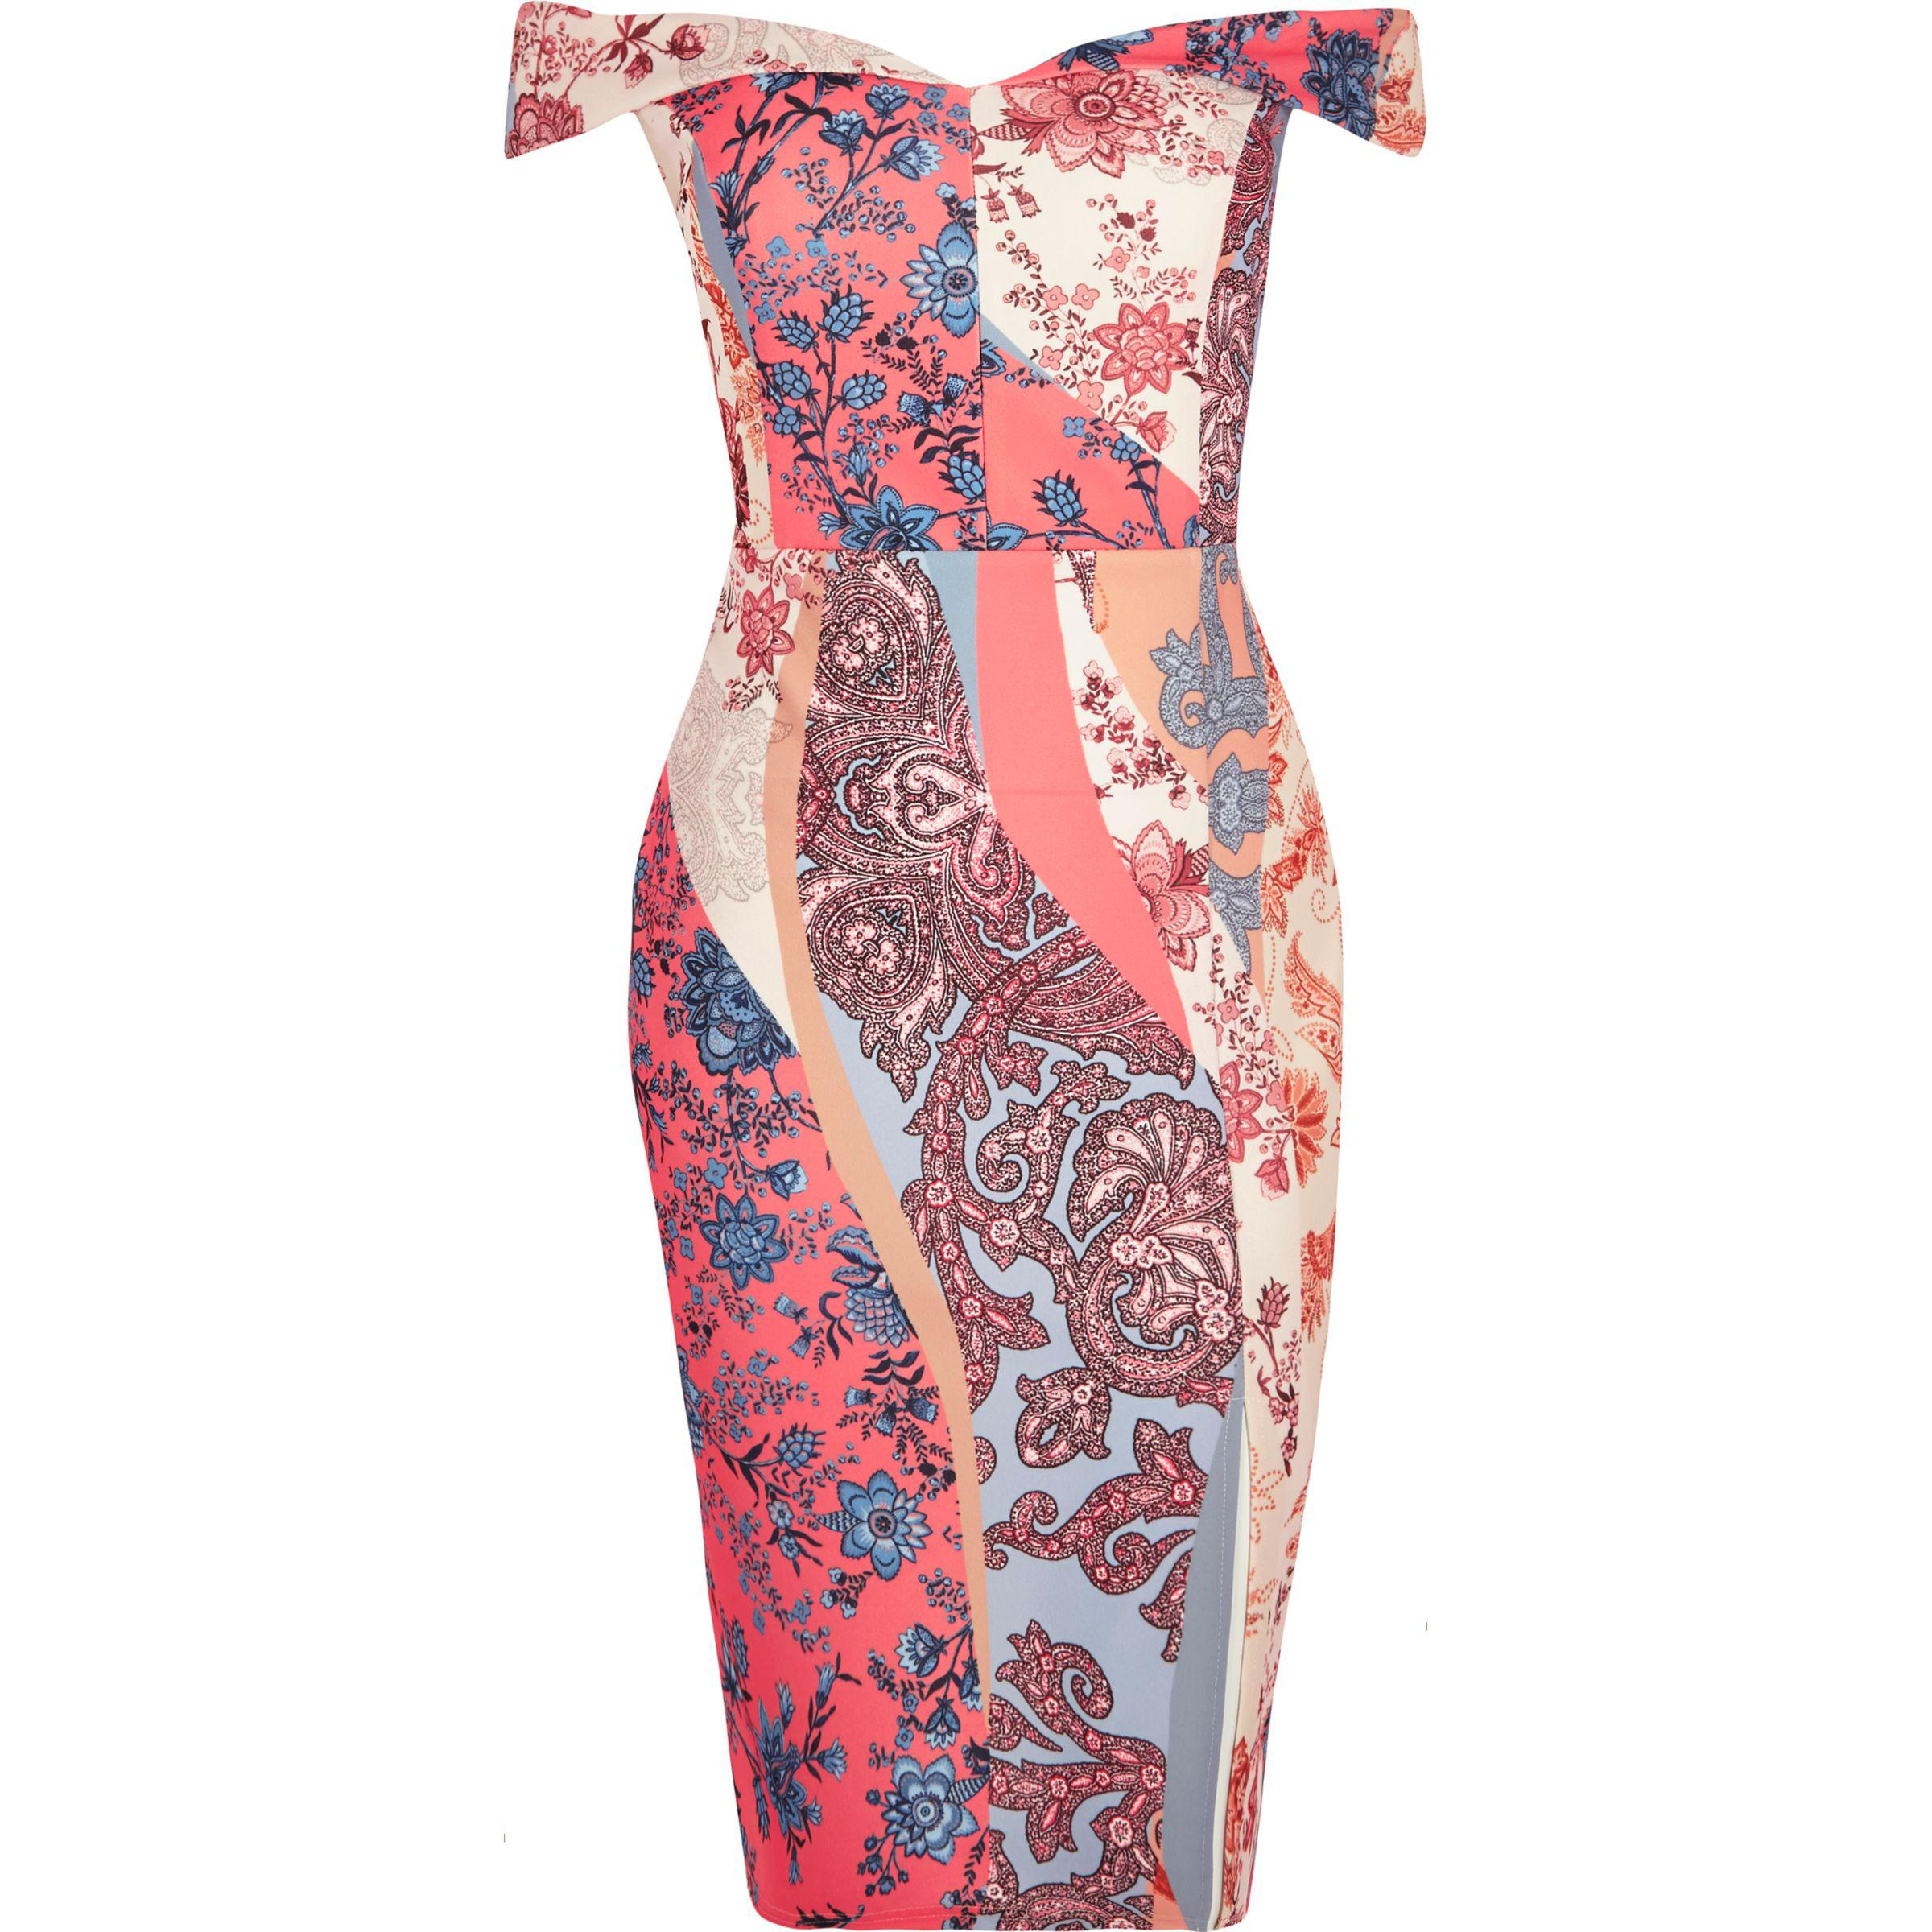 55834c975032 Lyst - River Island Ri Plus Pink Floral Print Bardot Dress in Pink